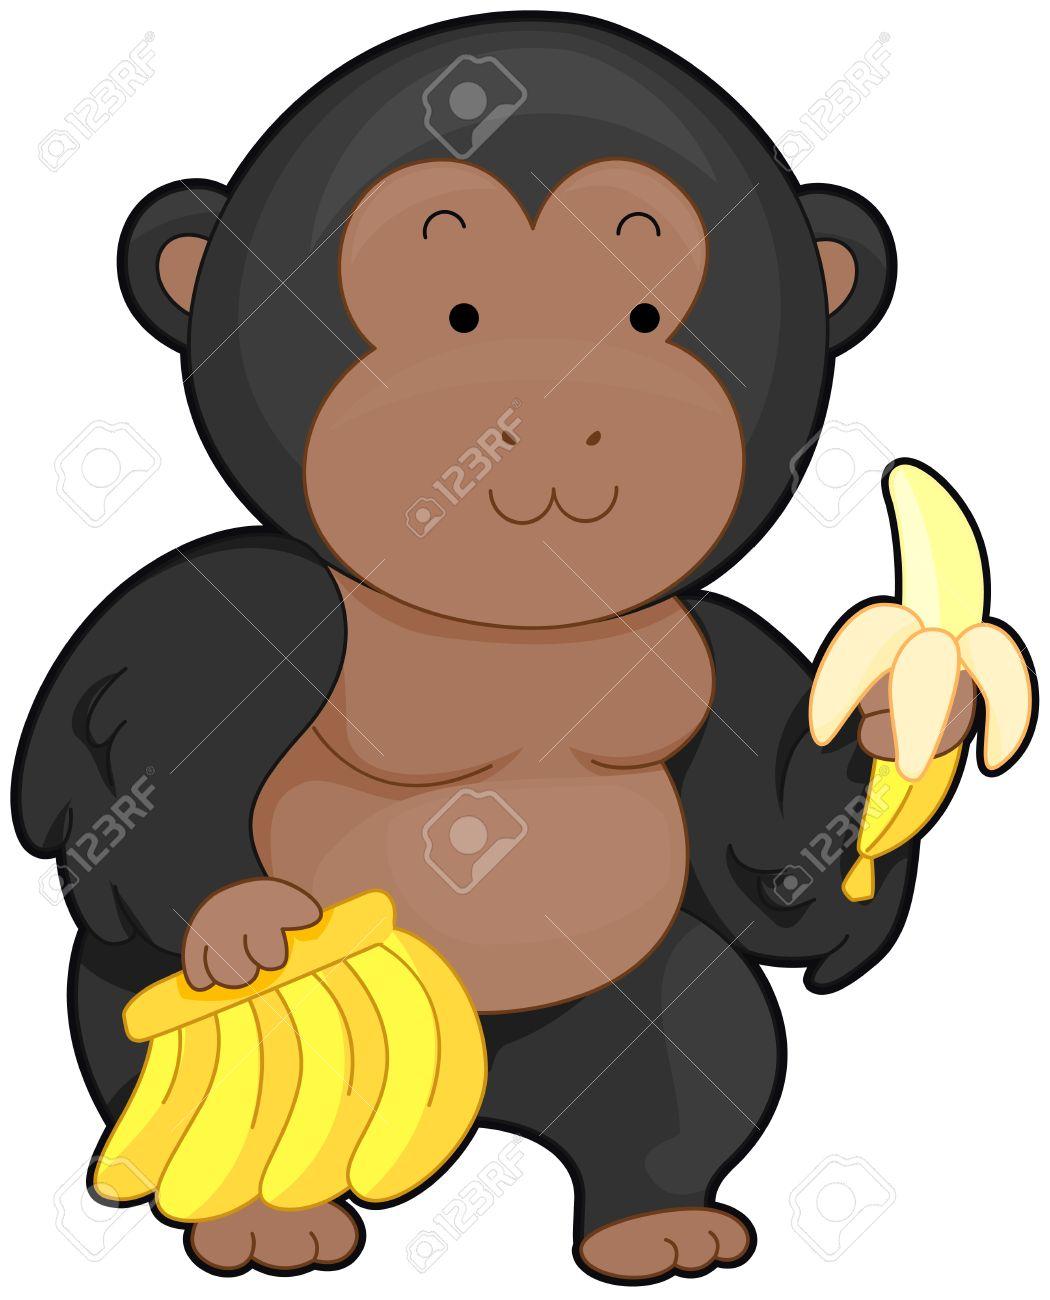 バナナを運ぶかわいいゴリラのイラスト の写真素材画像素材 Image 8329045